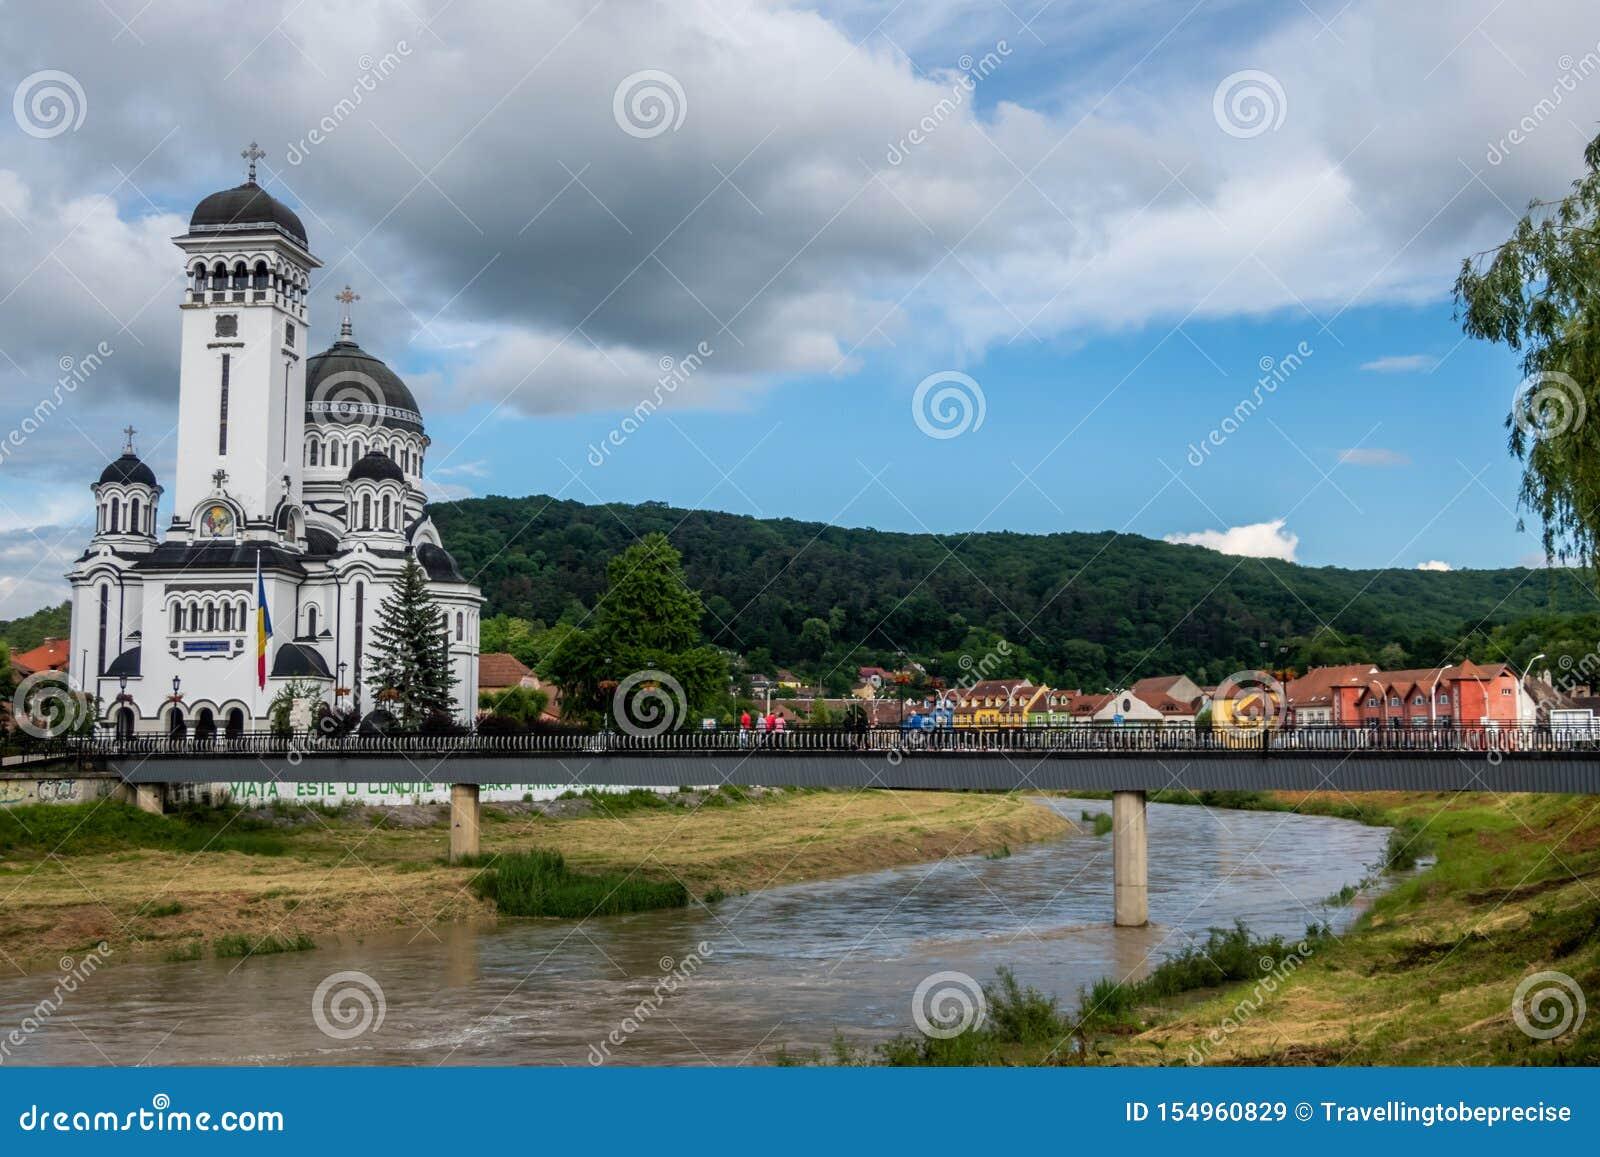 Ρουμανικός-ορθόδοξος καθεδρικός ναός στις όχθεις του ποταμού φοράδων Târnava, Sighișoara, Ρουμανία